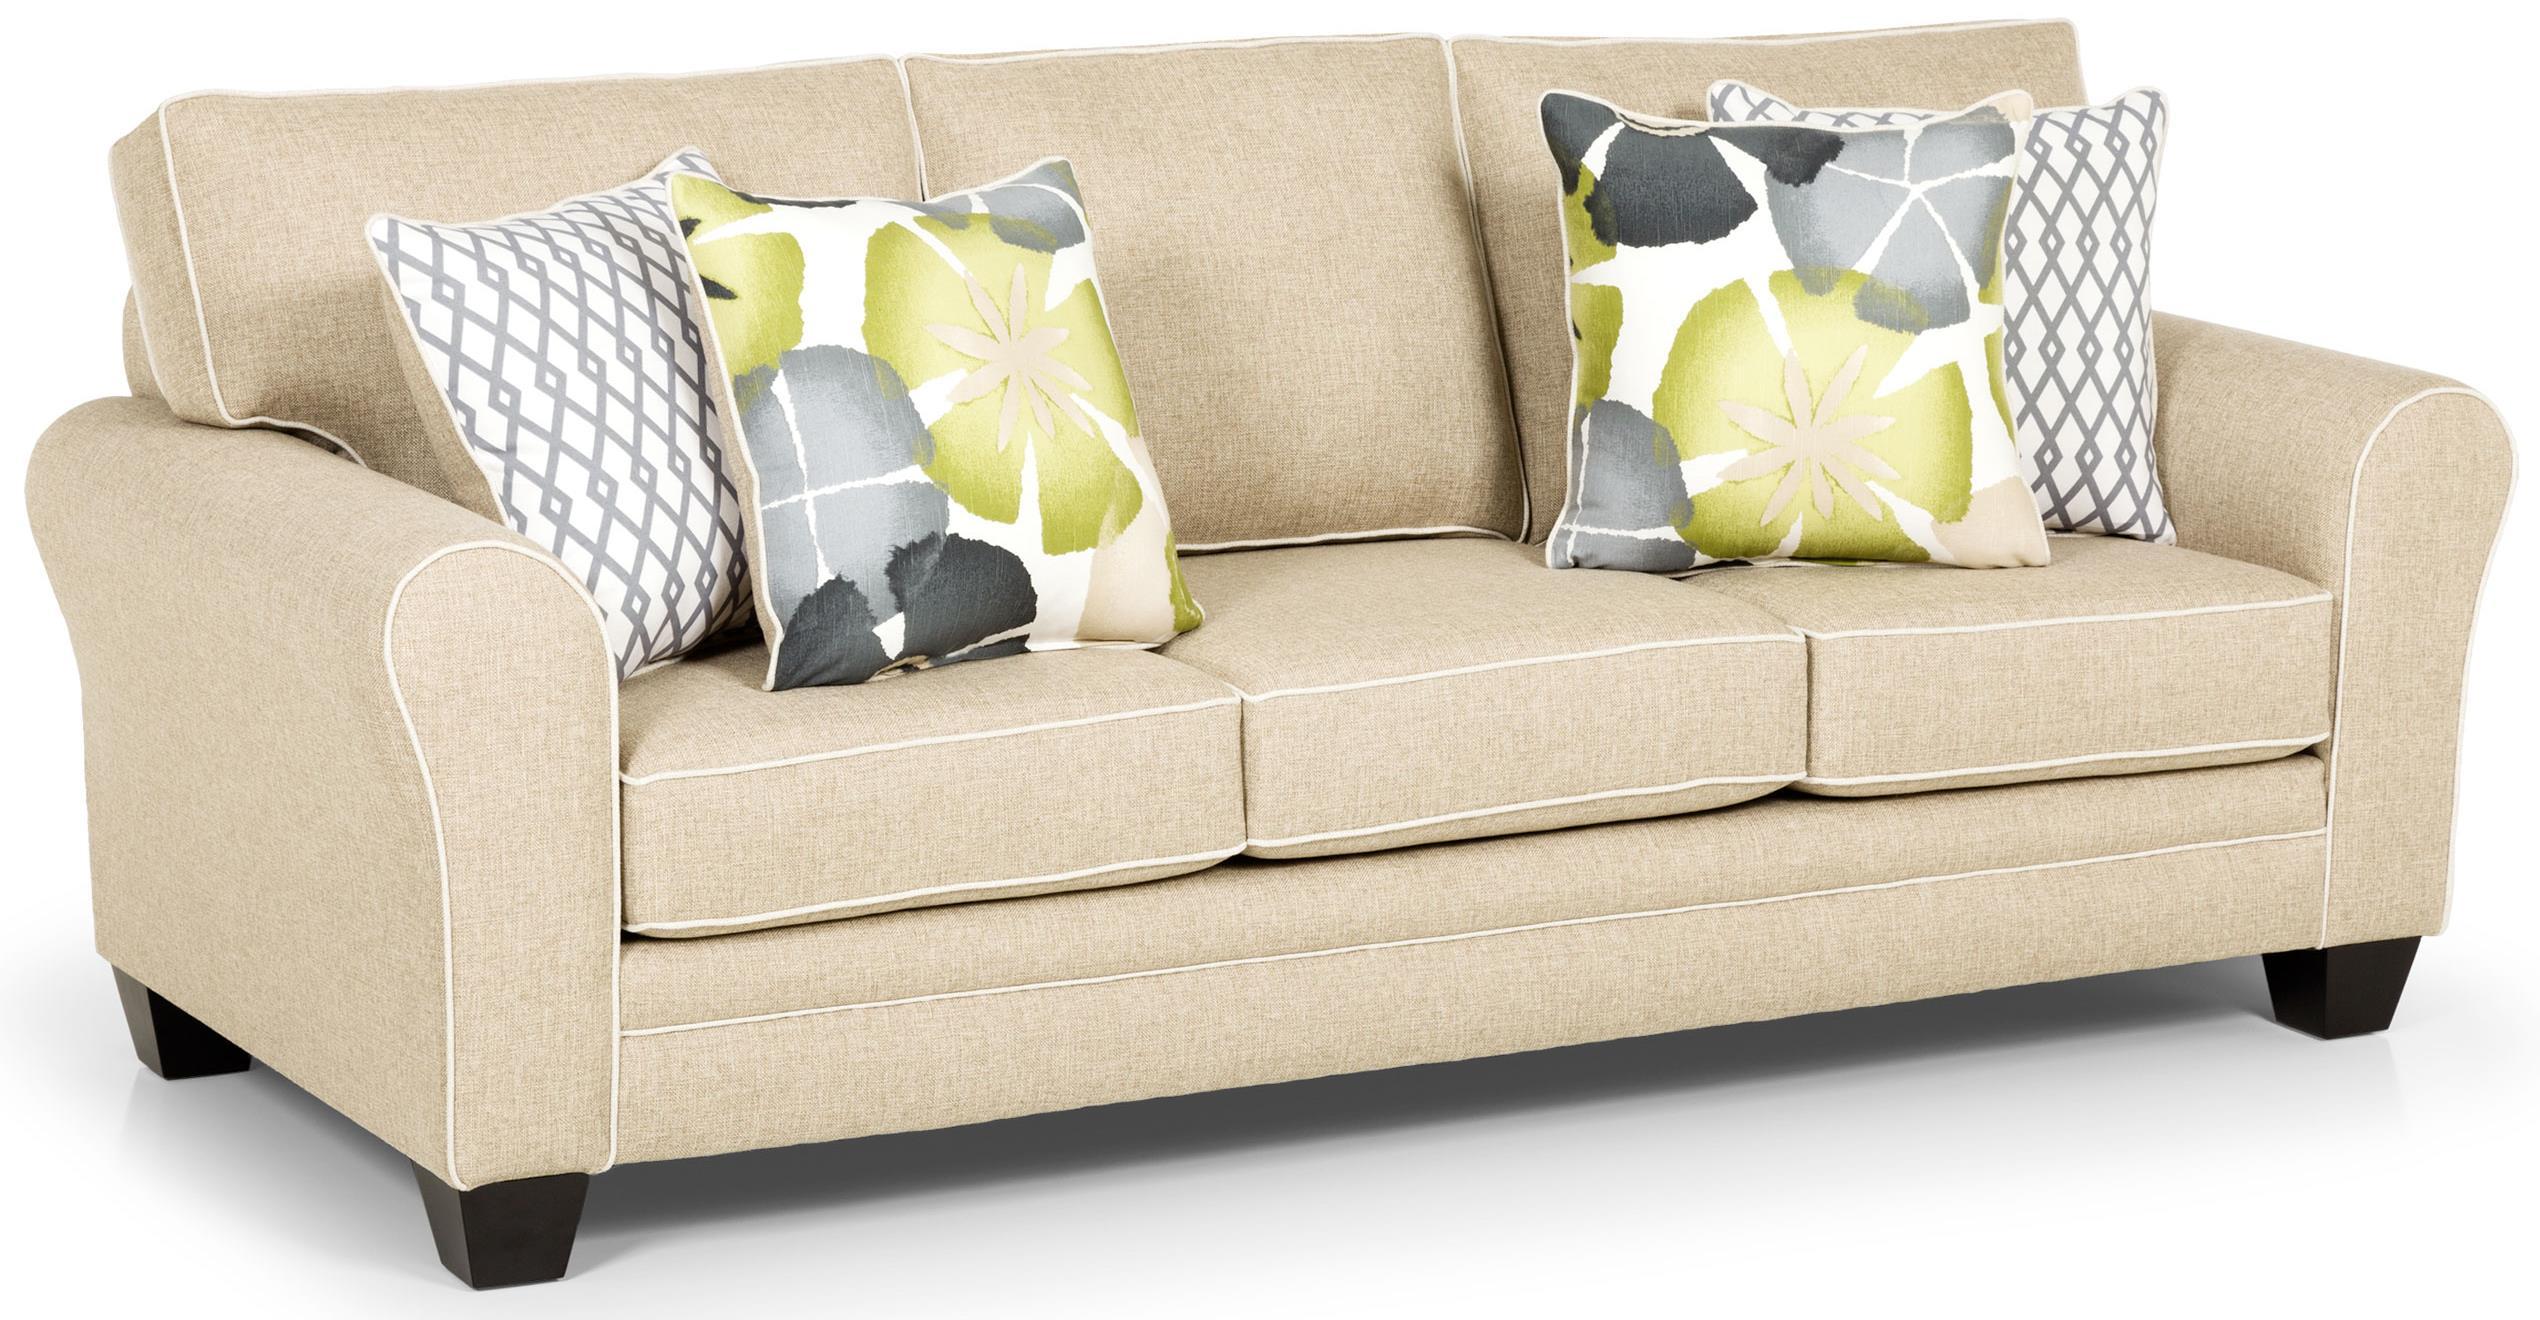 Stanton 332 Sofa - Item Number: 33201